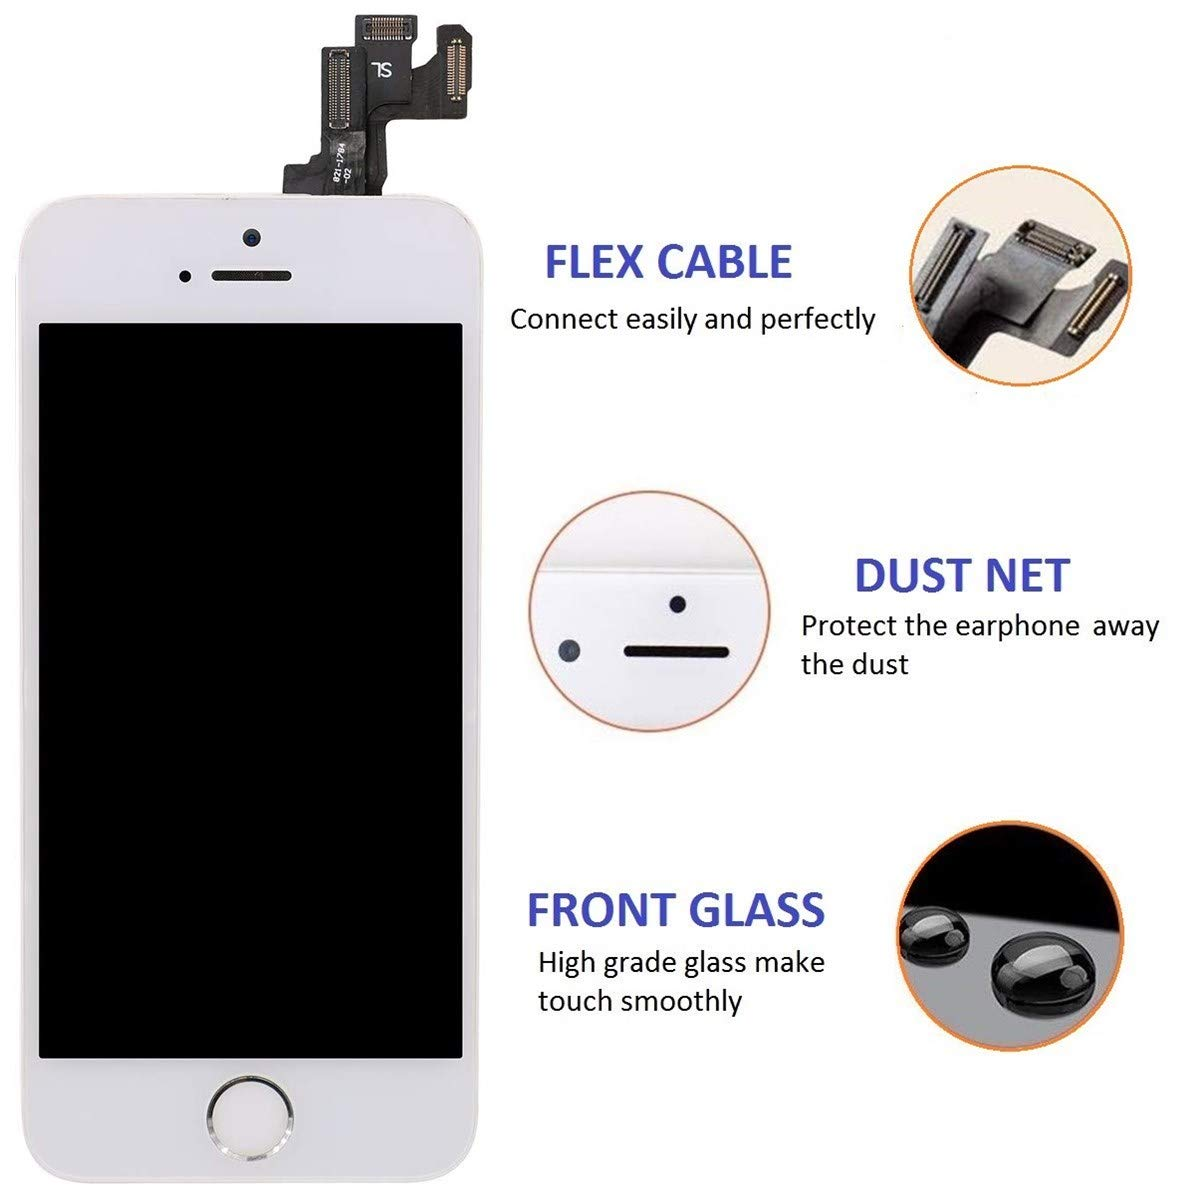 Blanco Sensor de proximidad Altavoz ensamblaje de Marco digitalizador y Kit de reparaci/ón 5.5 Pantalla T/áctil LCD con bot/ón de Inicio,C/ámara Frontal Brinonac Pantalla para iPhone 6 Plus